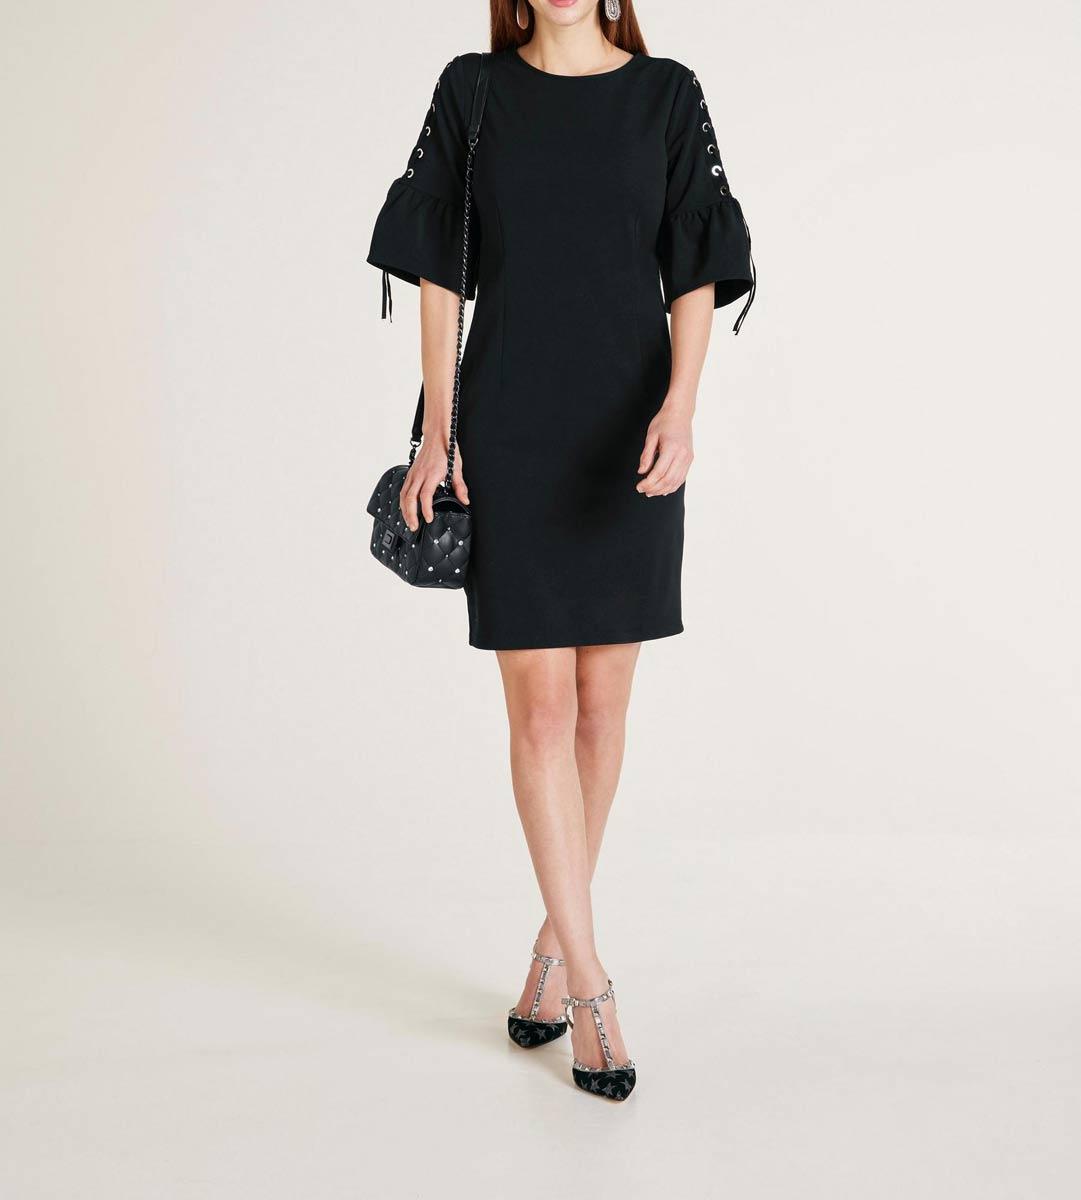 520.032 ASHLEY BROOKE Damen Kleid mit Schnürung Schwarz